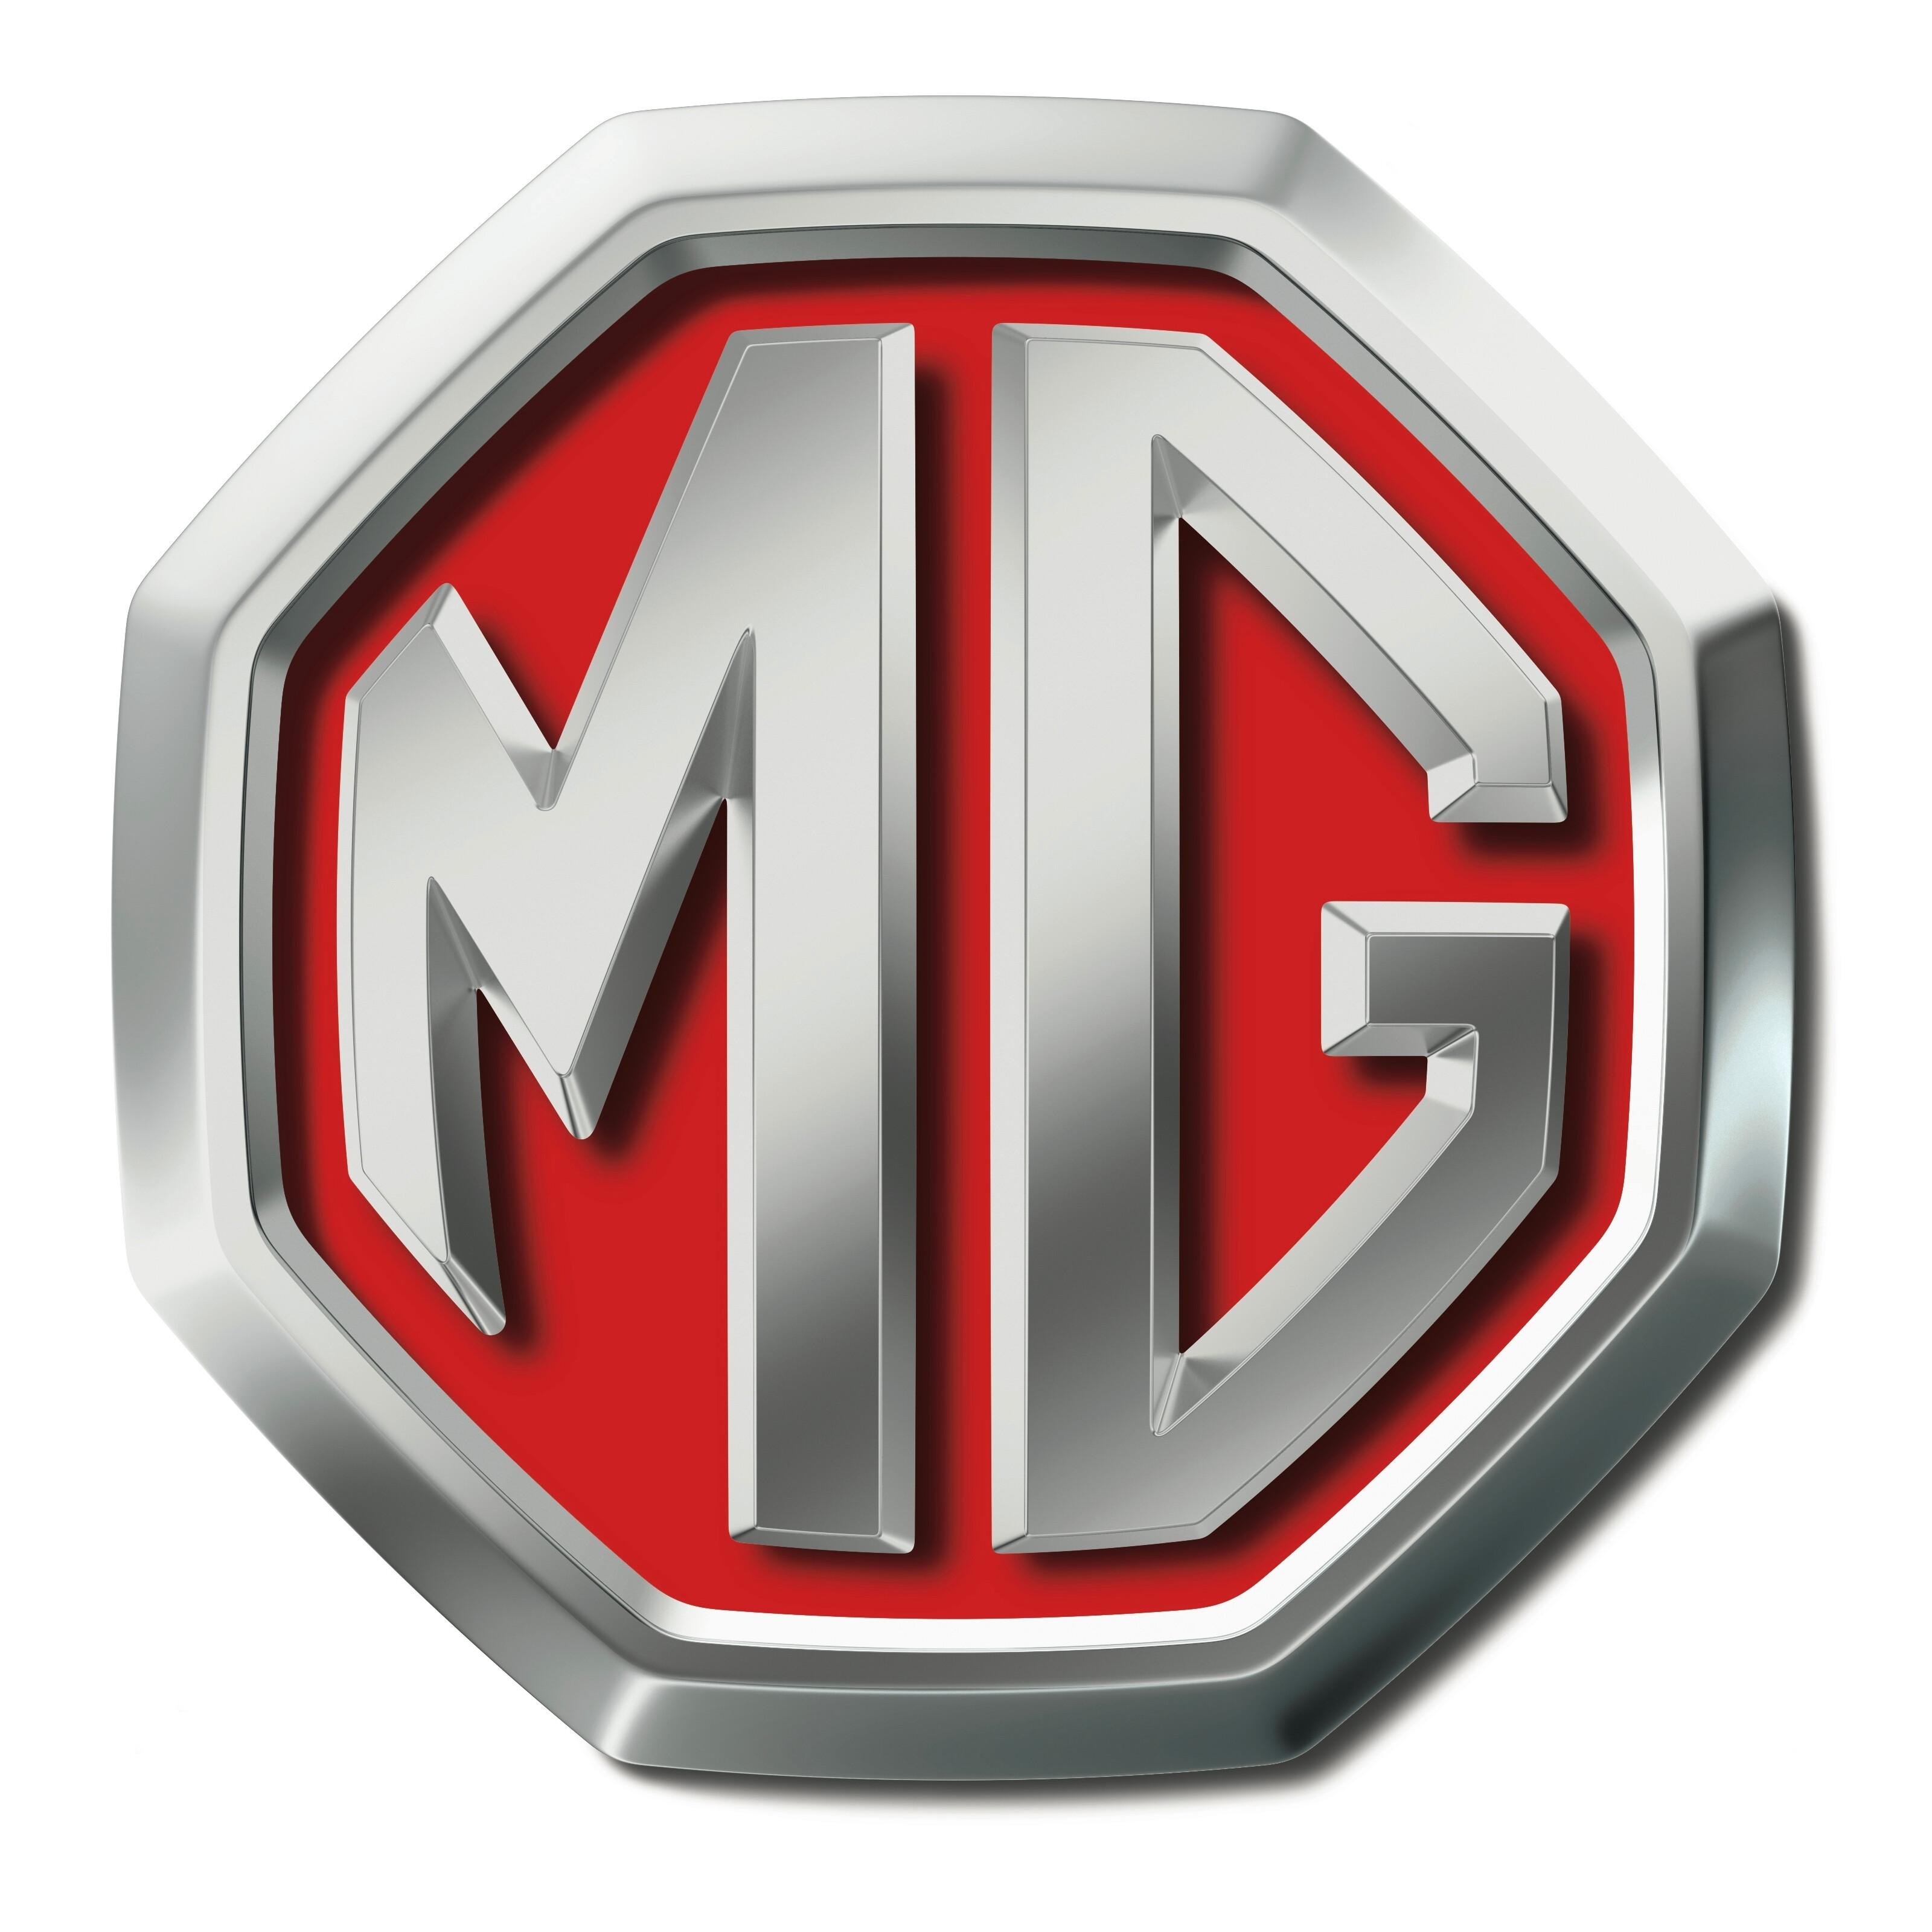 MG Logo Logotype Jpg